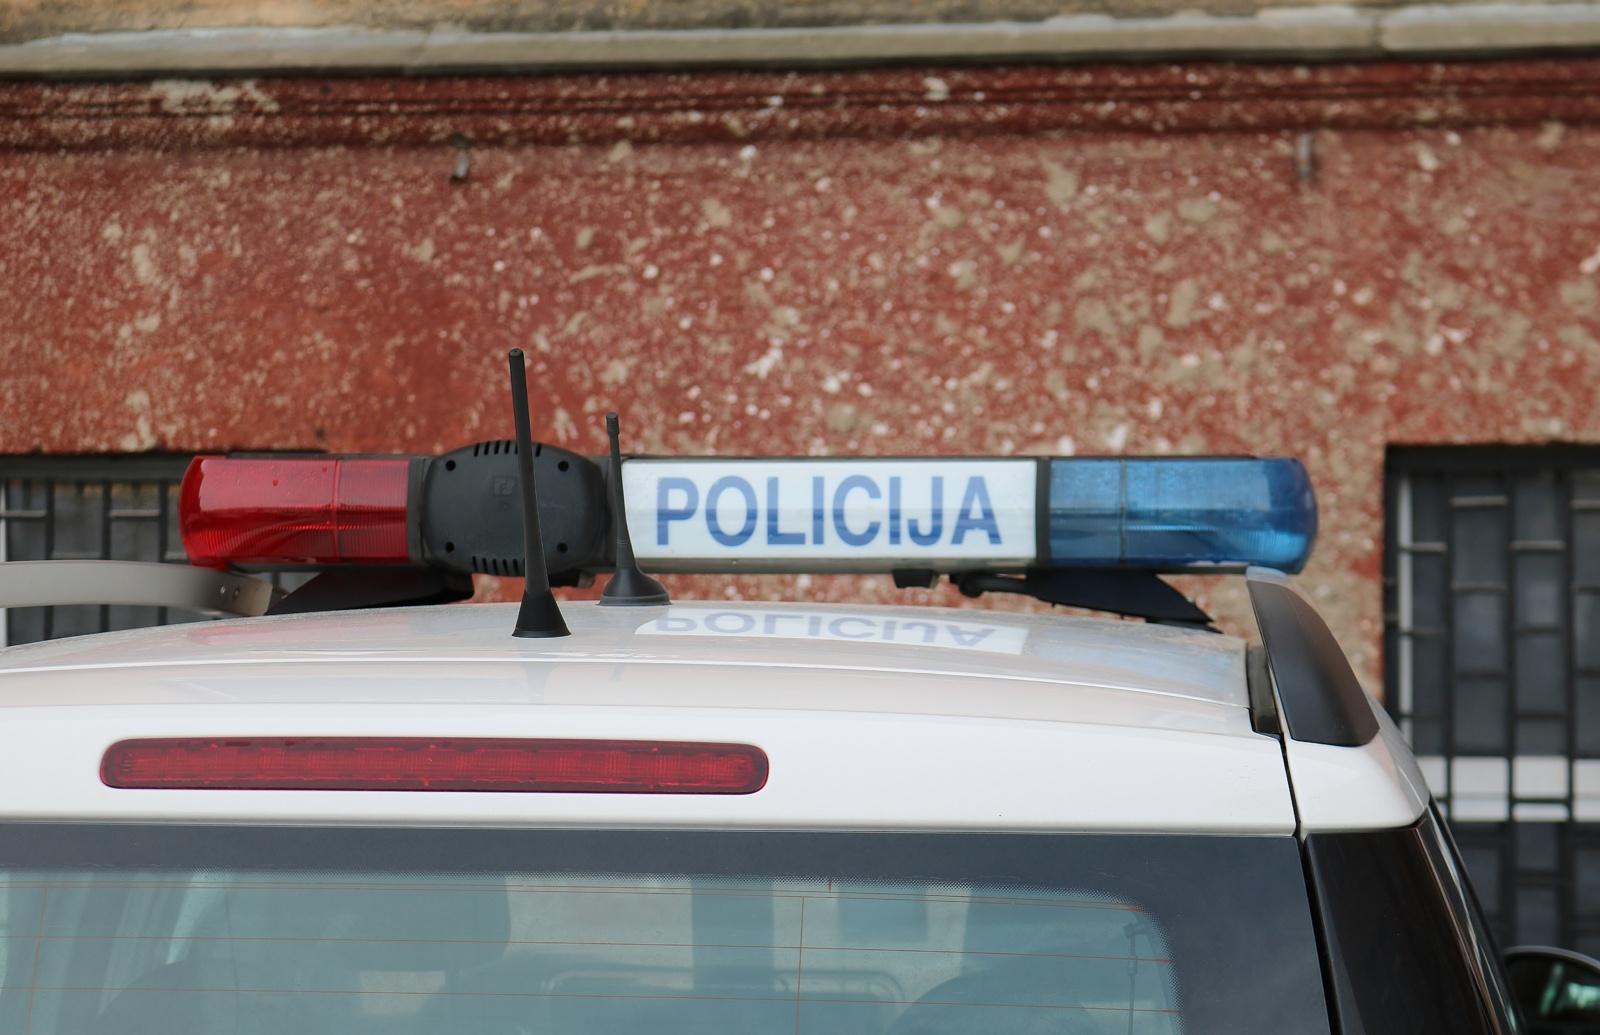 Partrenkęs senutę BMW vairuotojas pasišalino iš įvykio vietos